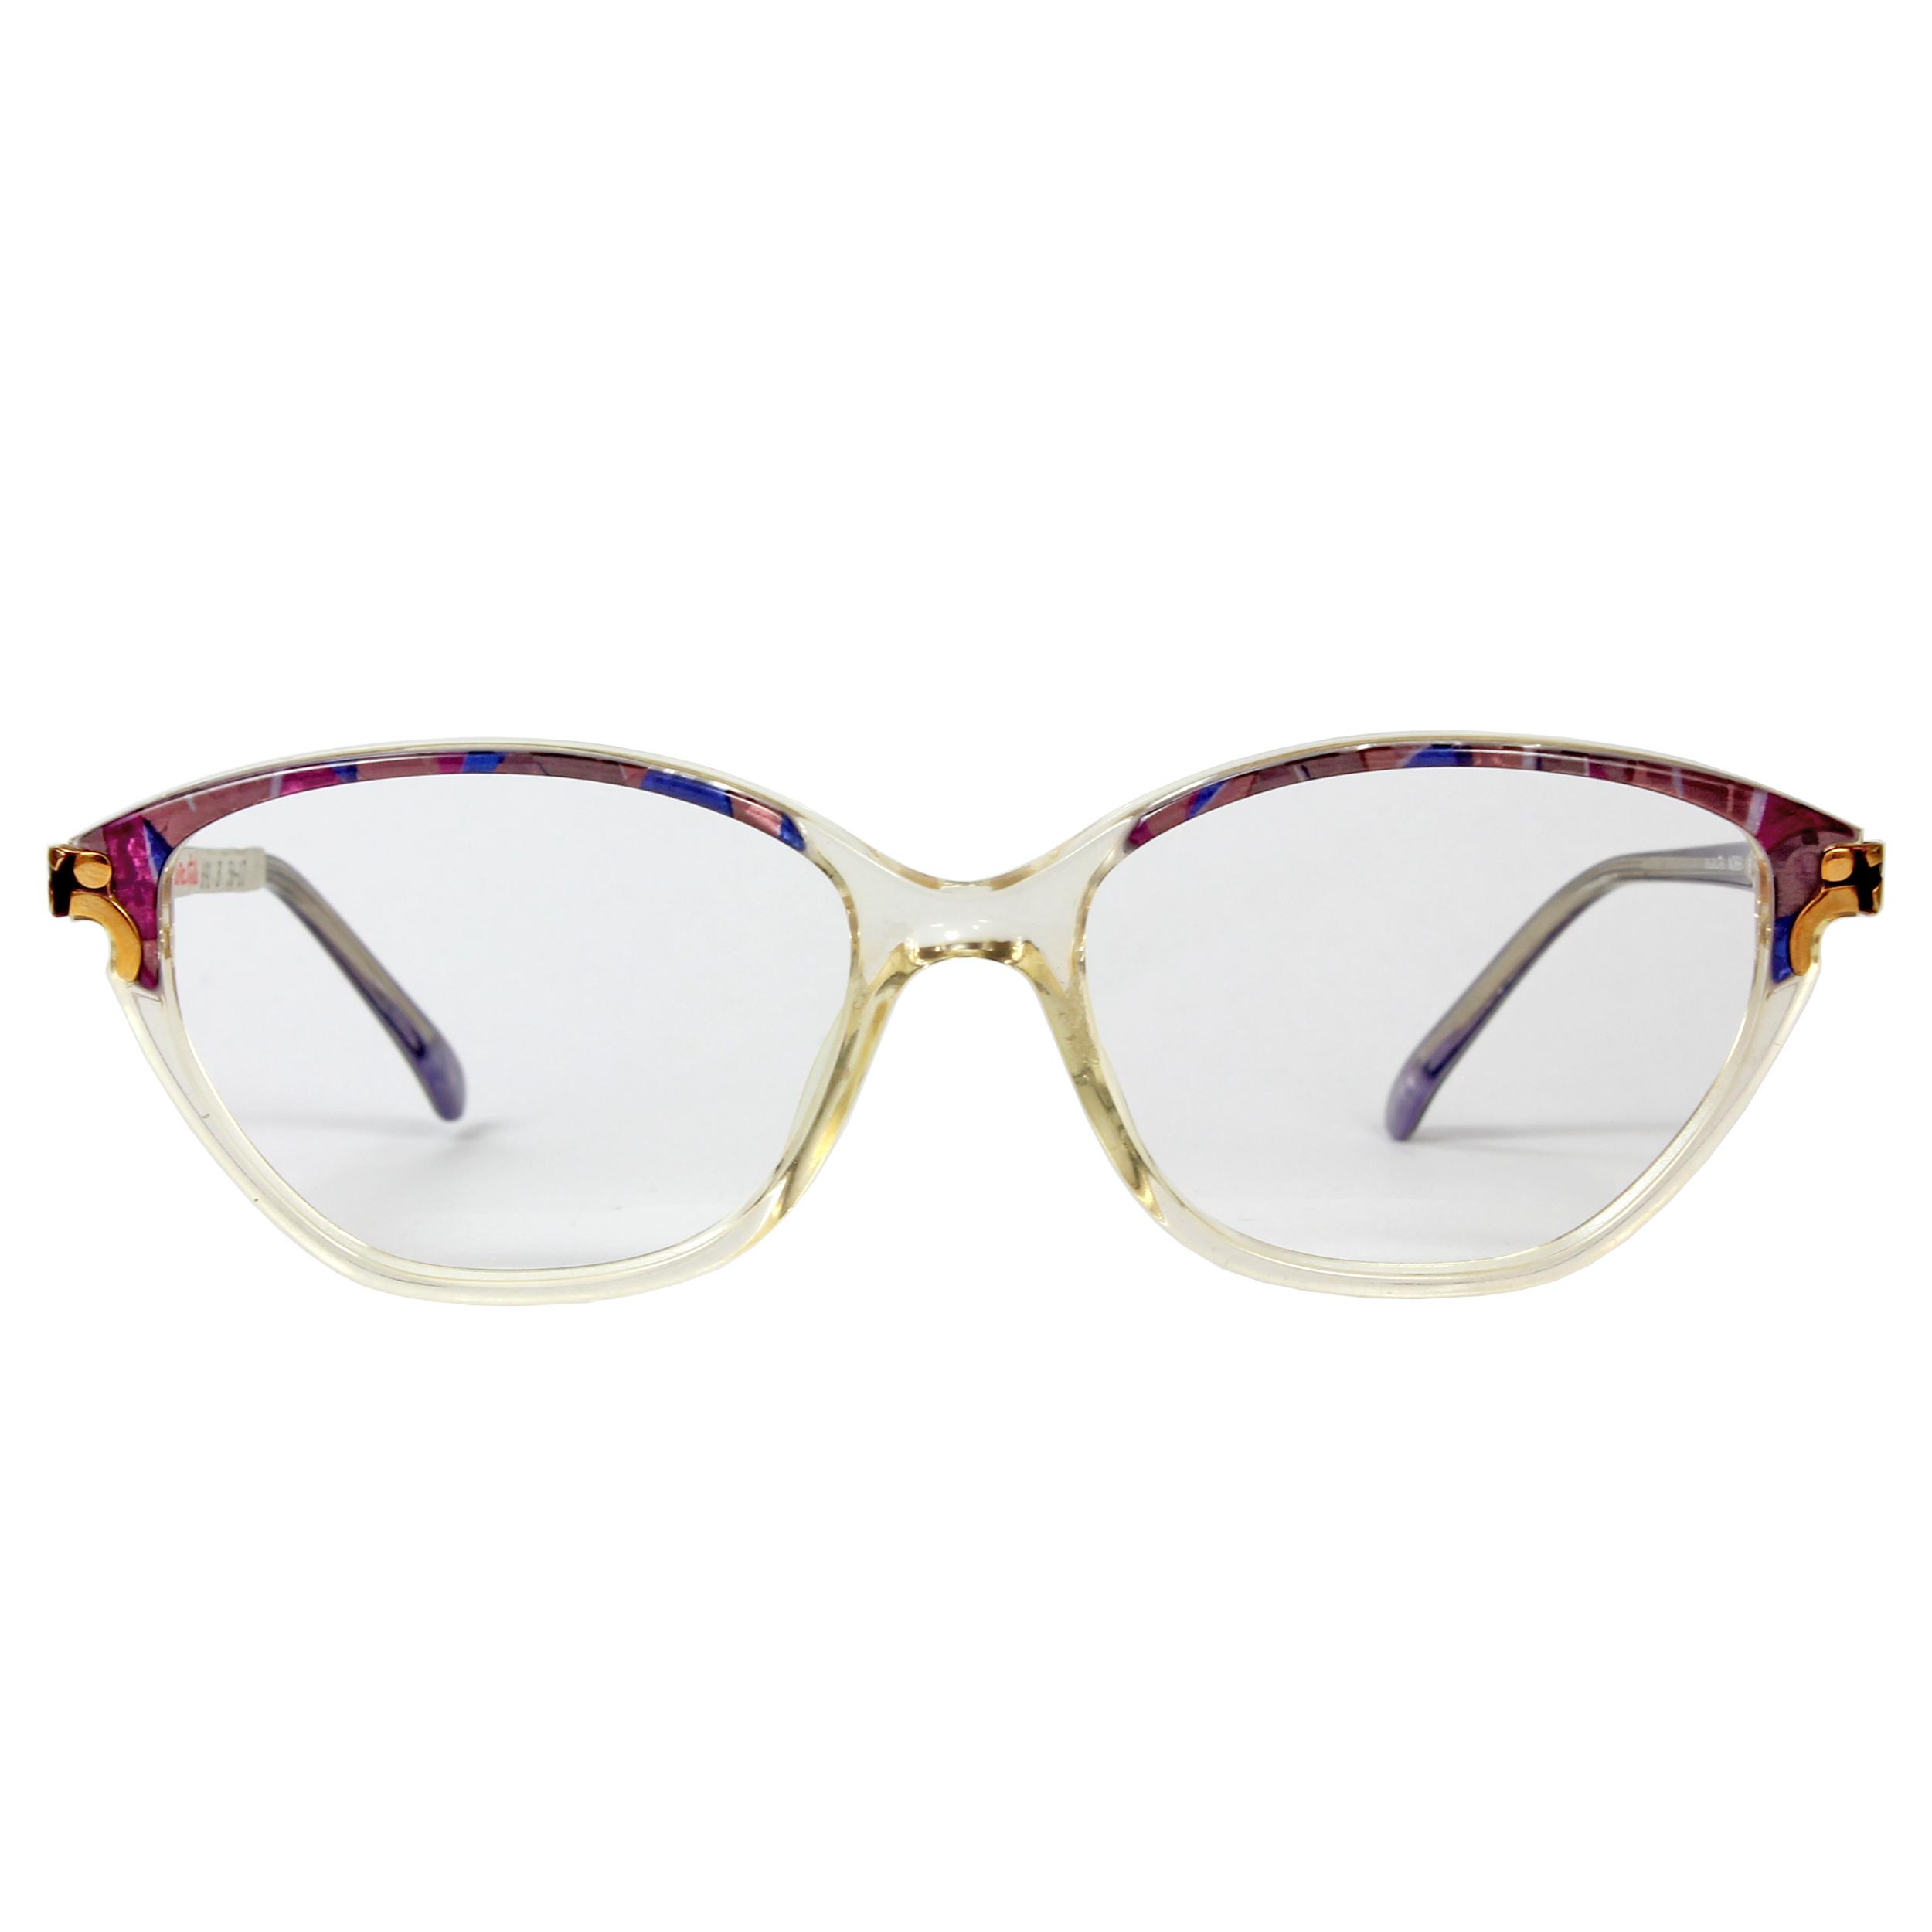 فریم عینک طبی نیگورا مدل 691